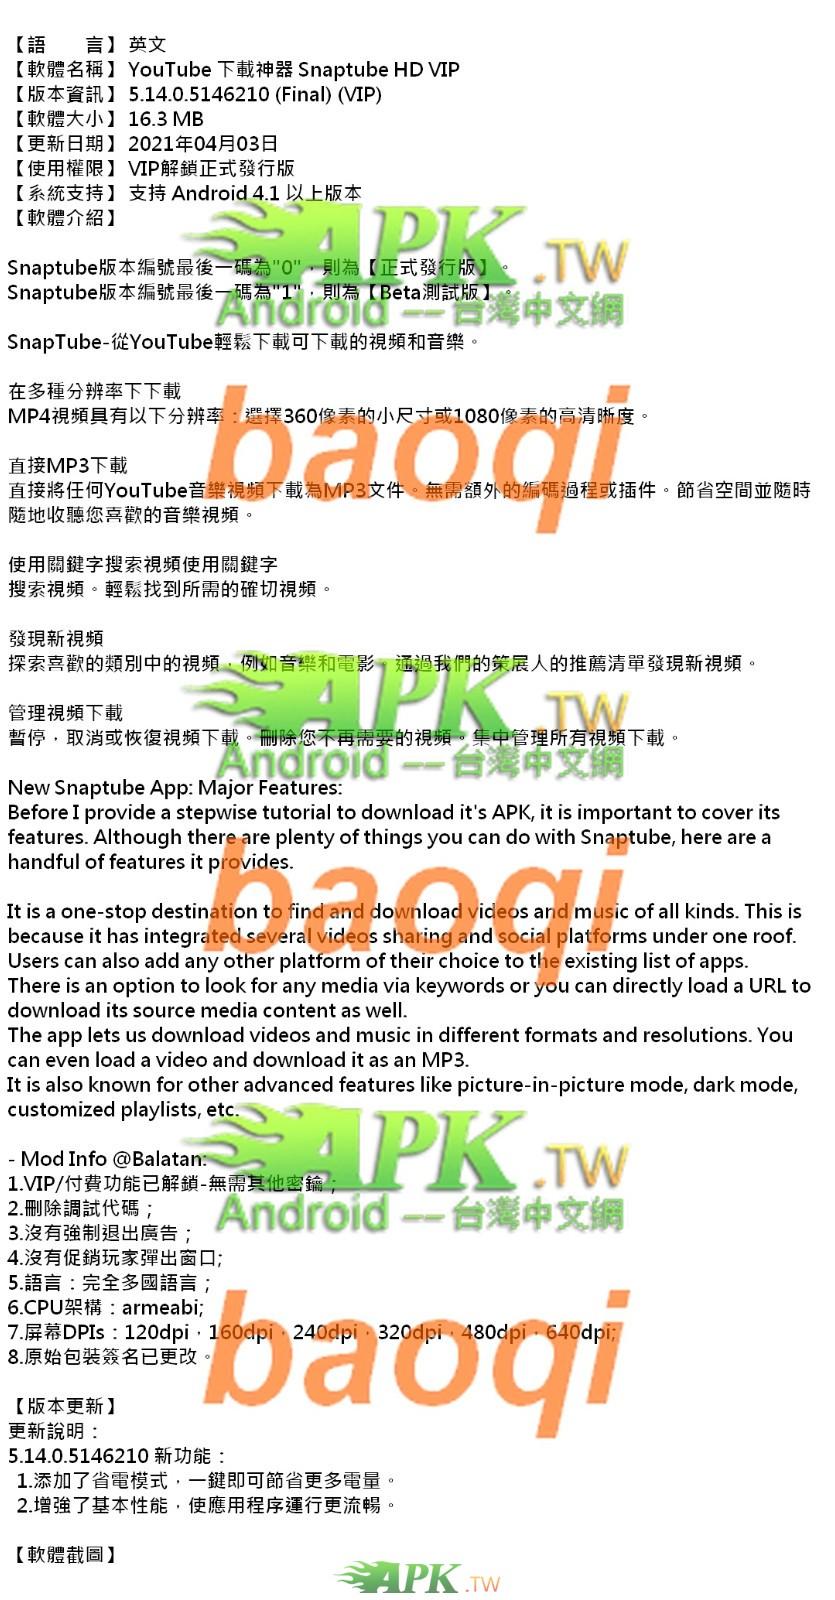 Snaptube_VIP_5.14.0.5146210 APK_.jpg